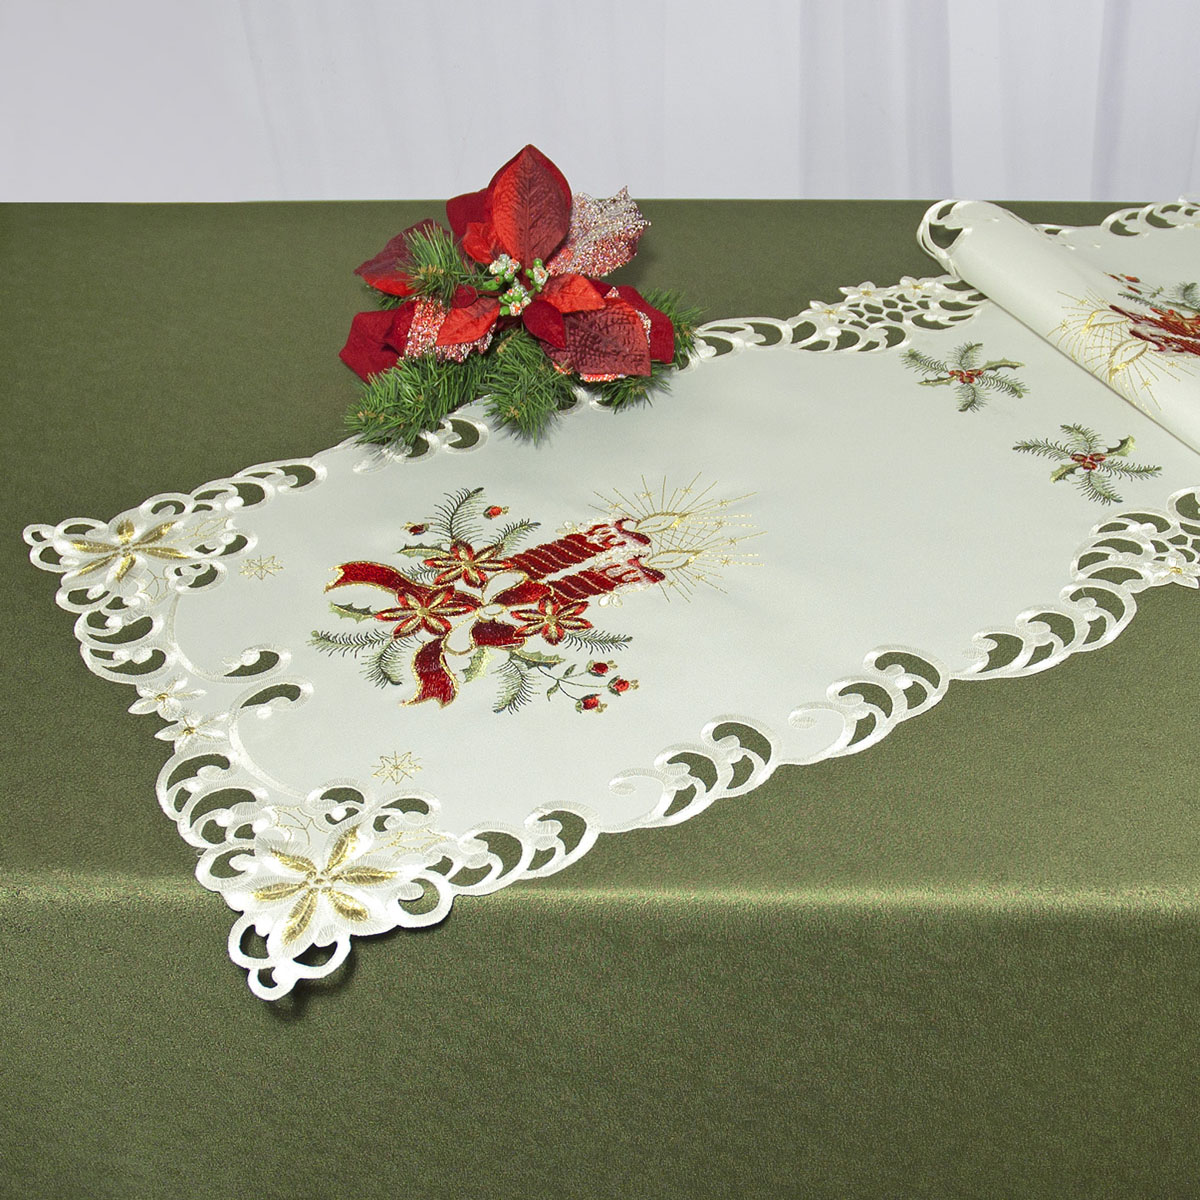 Дорожка для декорирования стола Schaefer, прямоугольная, цвет: белый, красный, 40 x 110 см 07483-233